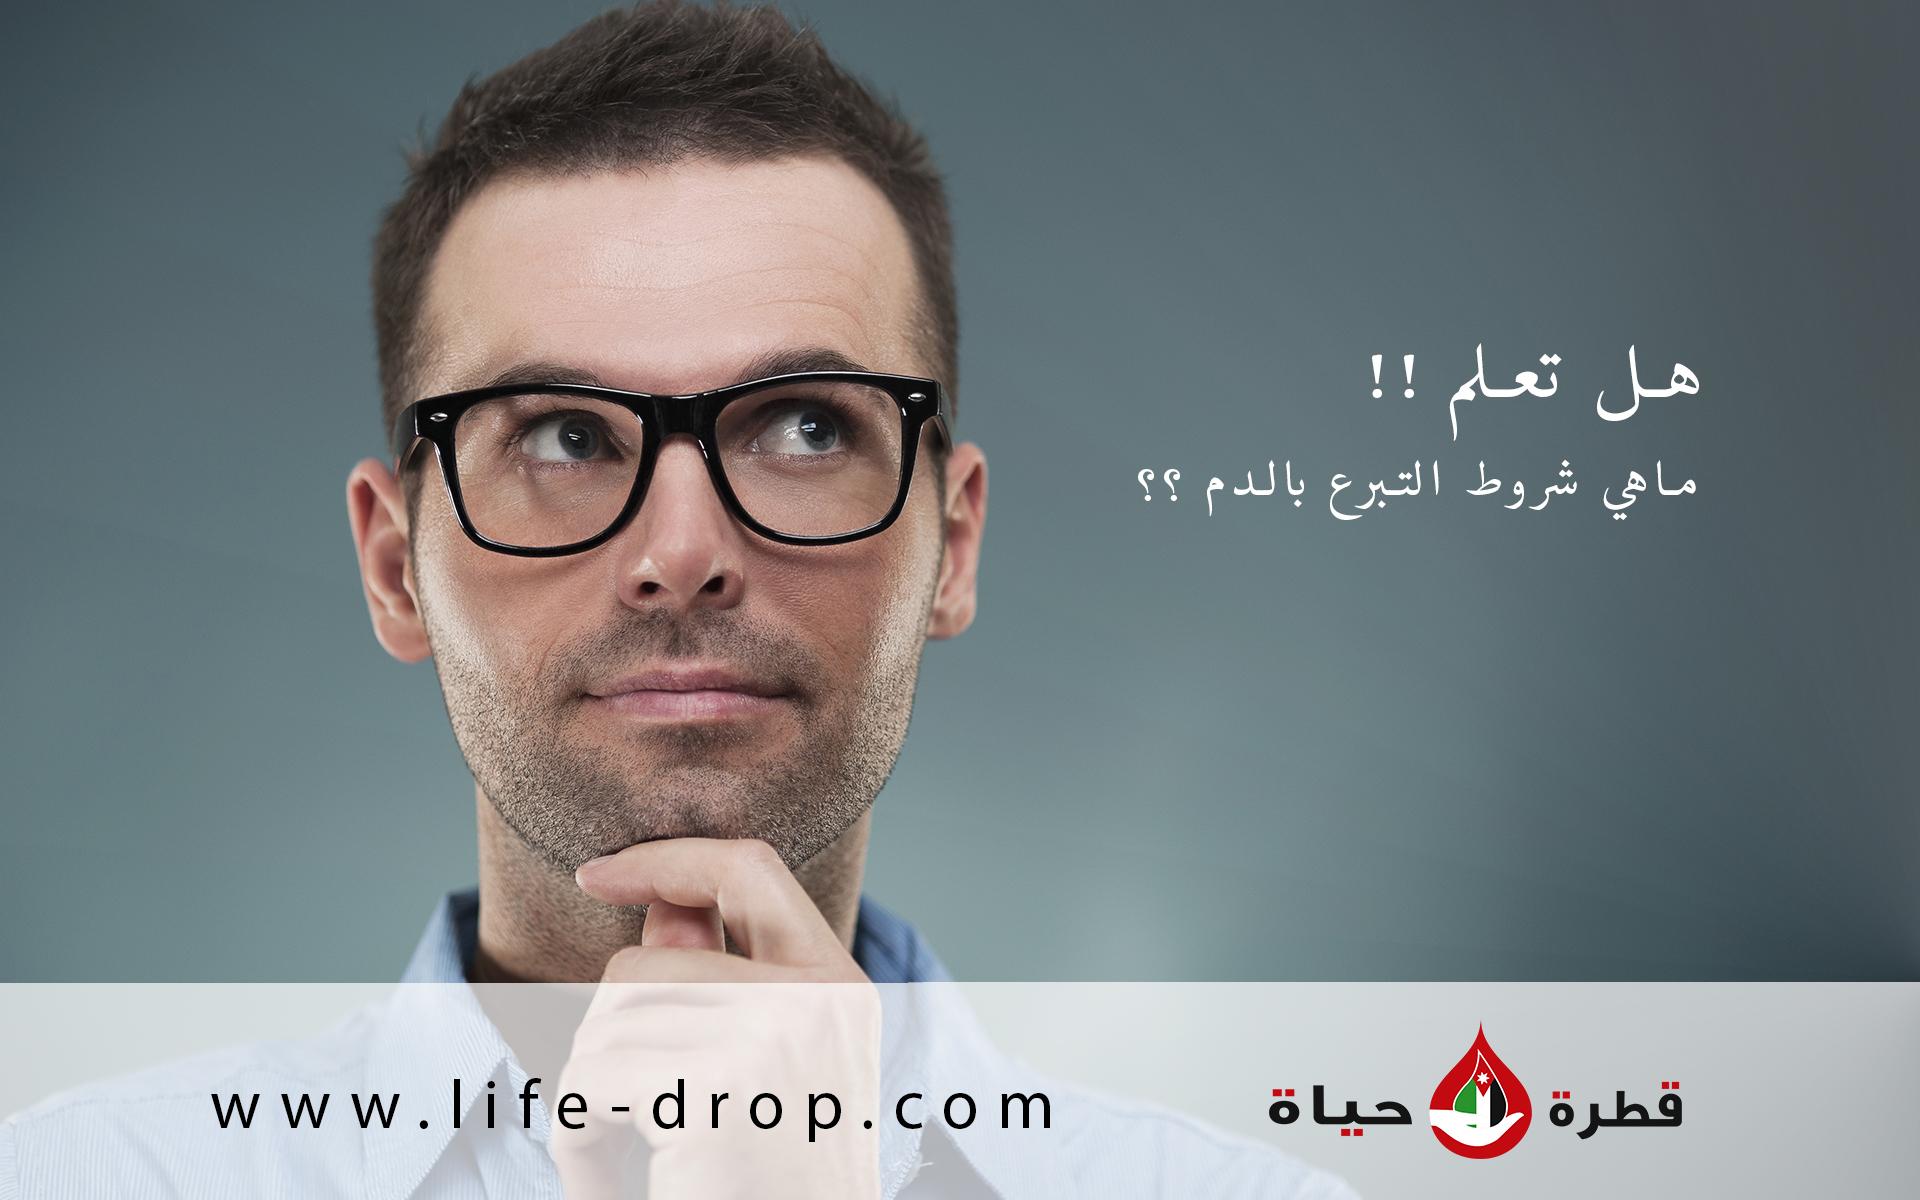 شروط التبرع بالدم